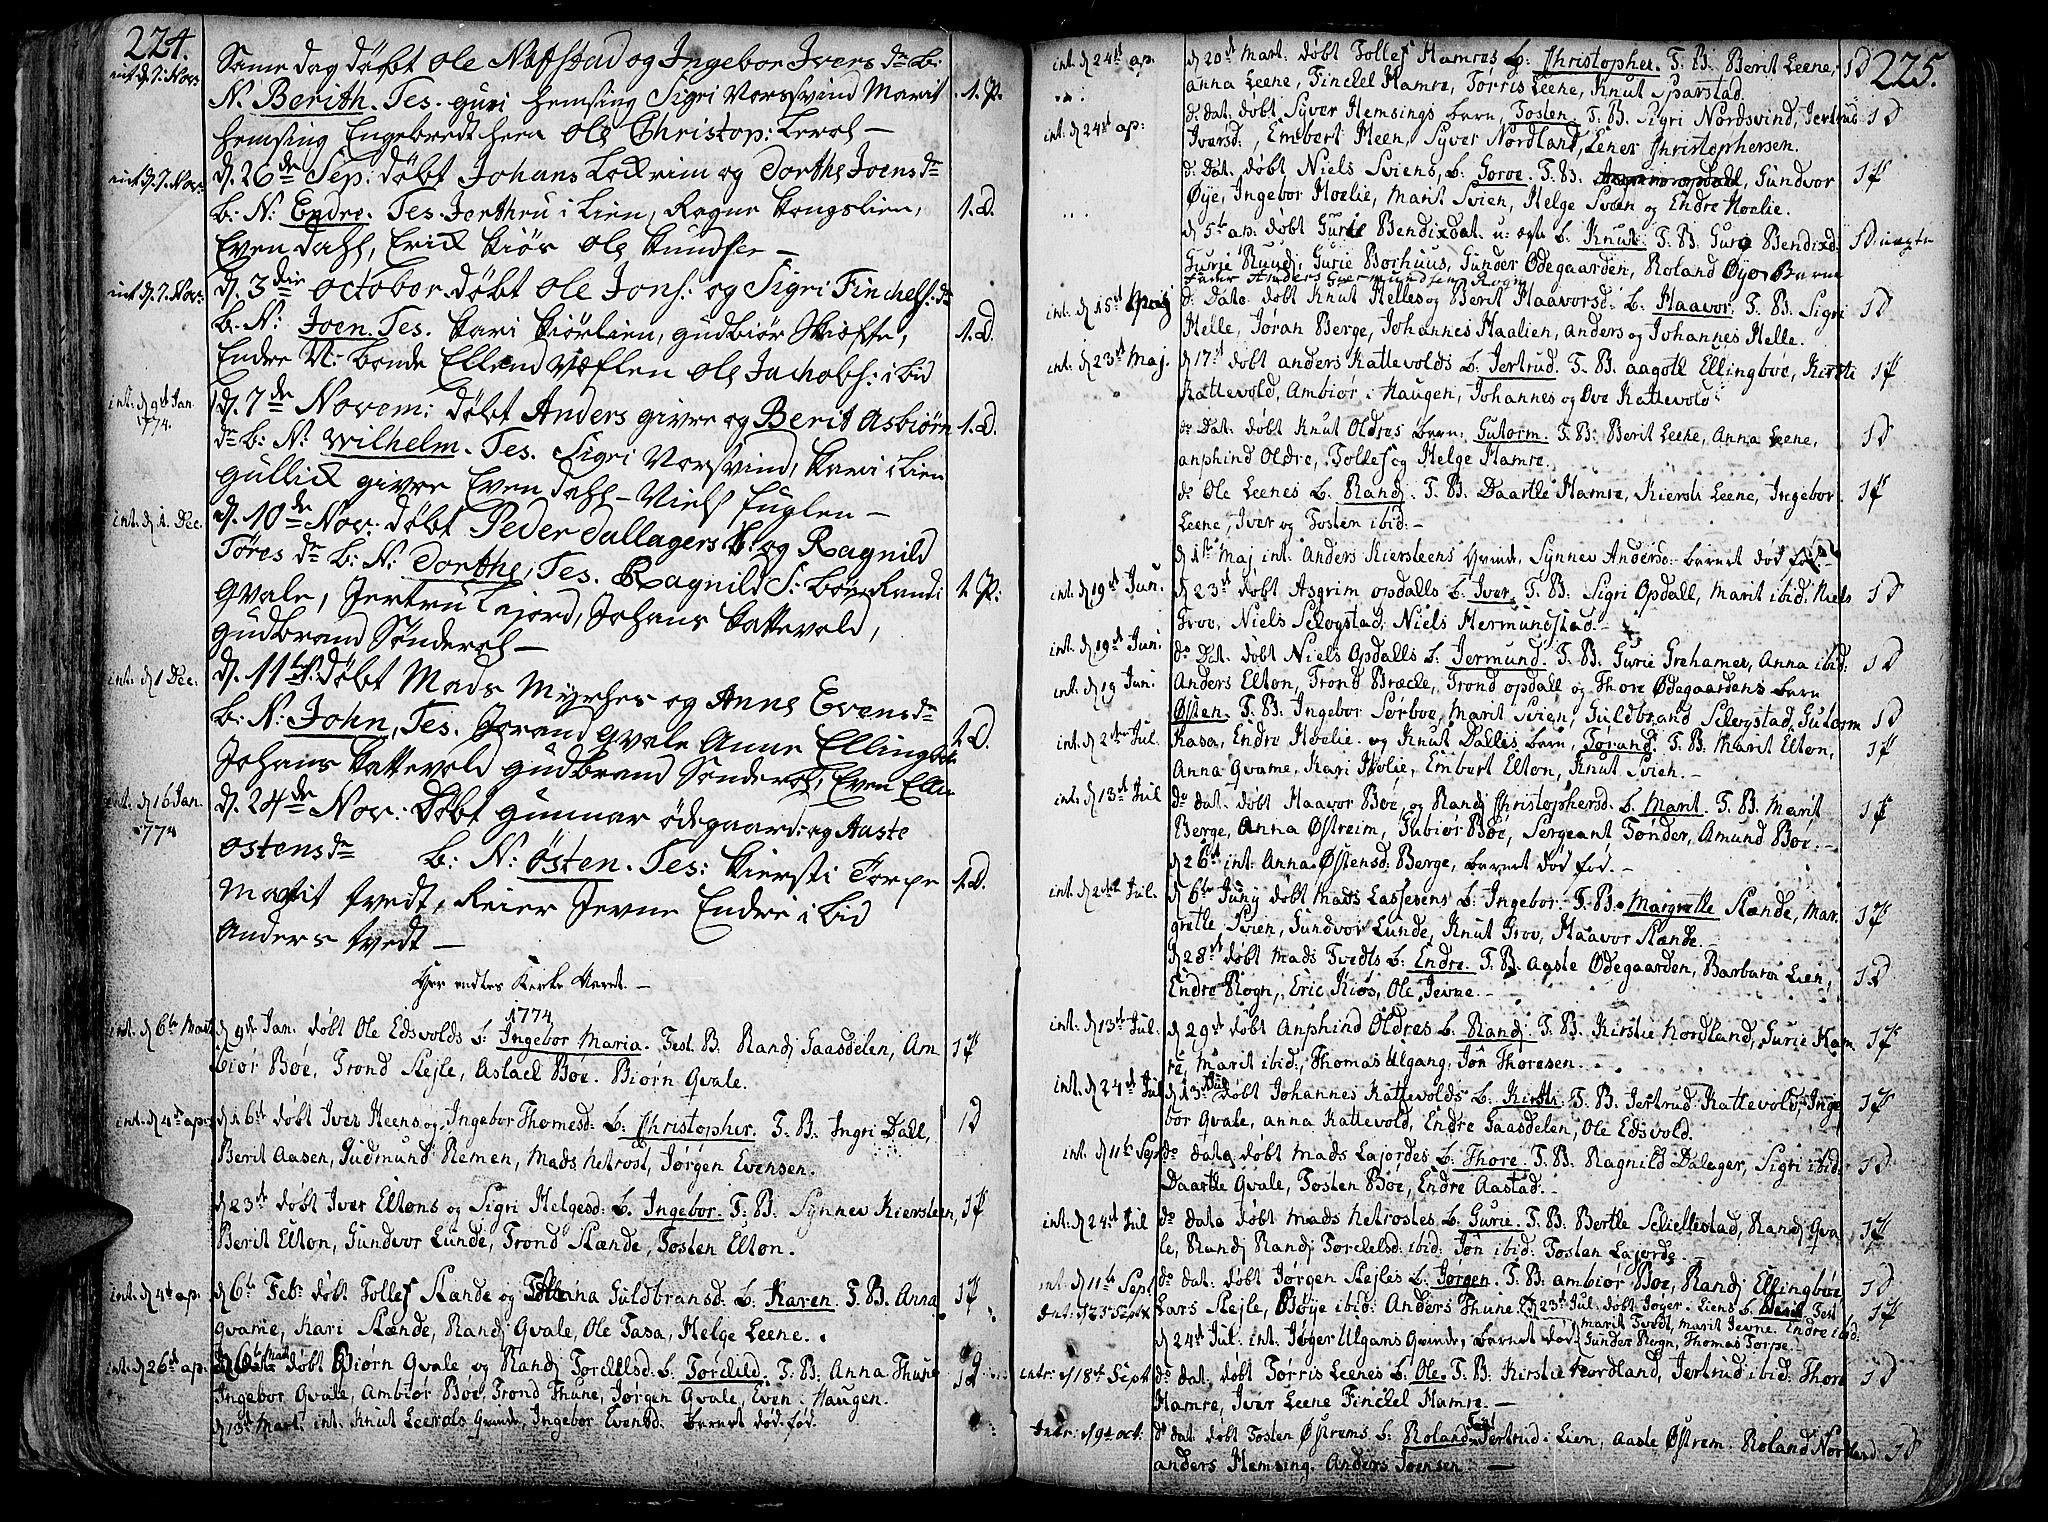 SAH, Vang prestekontor, Valdres, Ministerialbok nr. 1, 1730-1796, s. 224-225